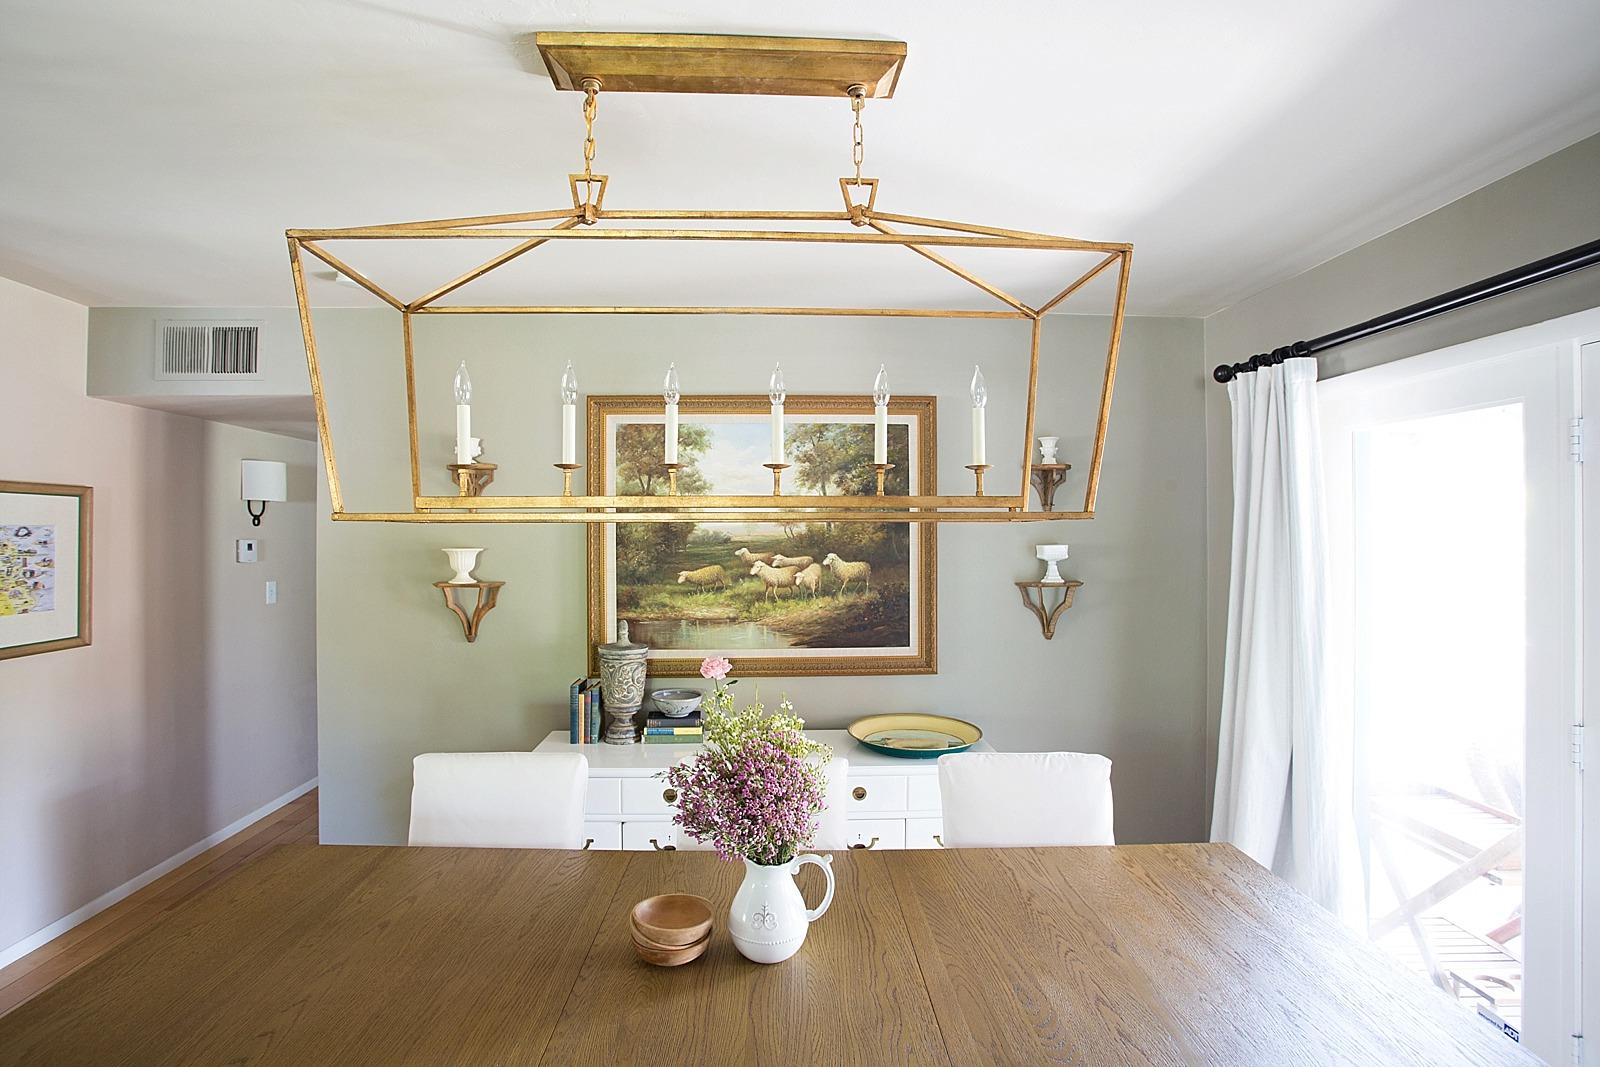 dining-room-5165